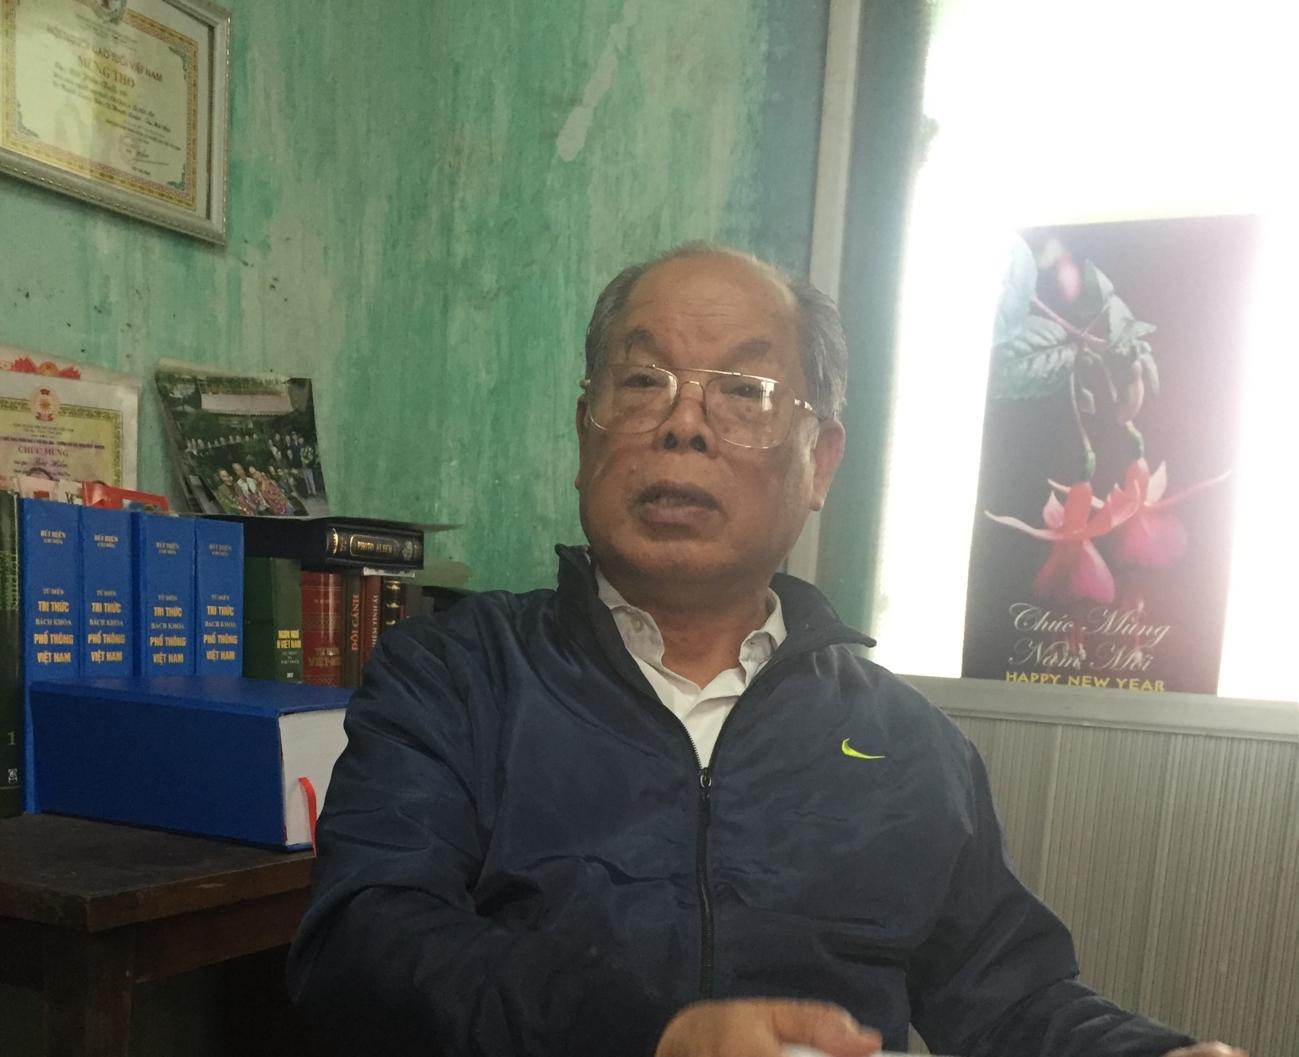 PGS. TS Bùi Hiền: 'Họ chửi tôi điên, nhưng lại học chữ của tôi để chế nhạo tôi rất nhanh' - Ảnh 1